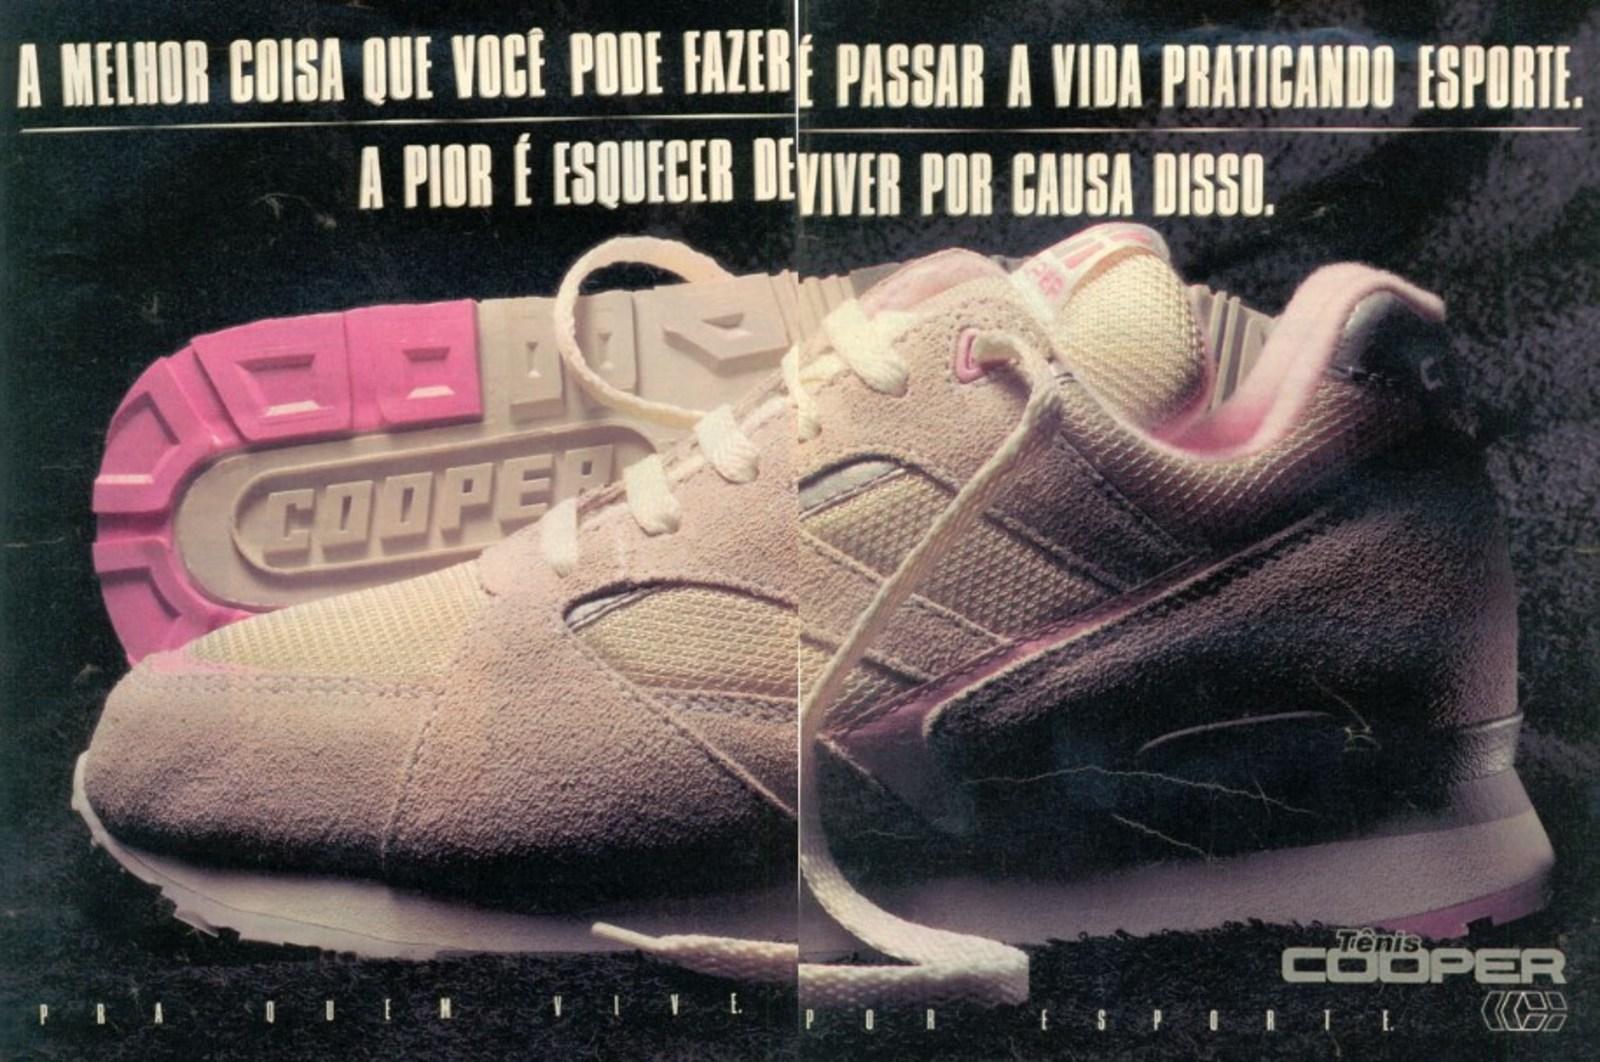 cd1a3620d26 Tênis Cooper (1991) - Muzeez